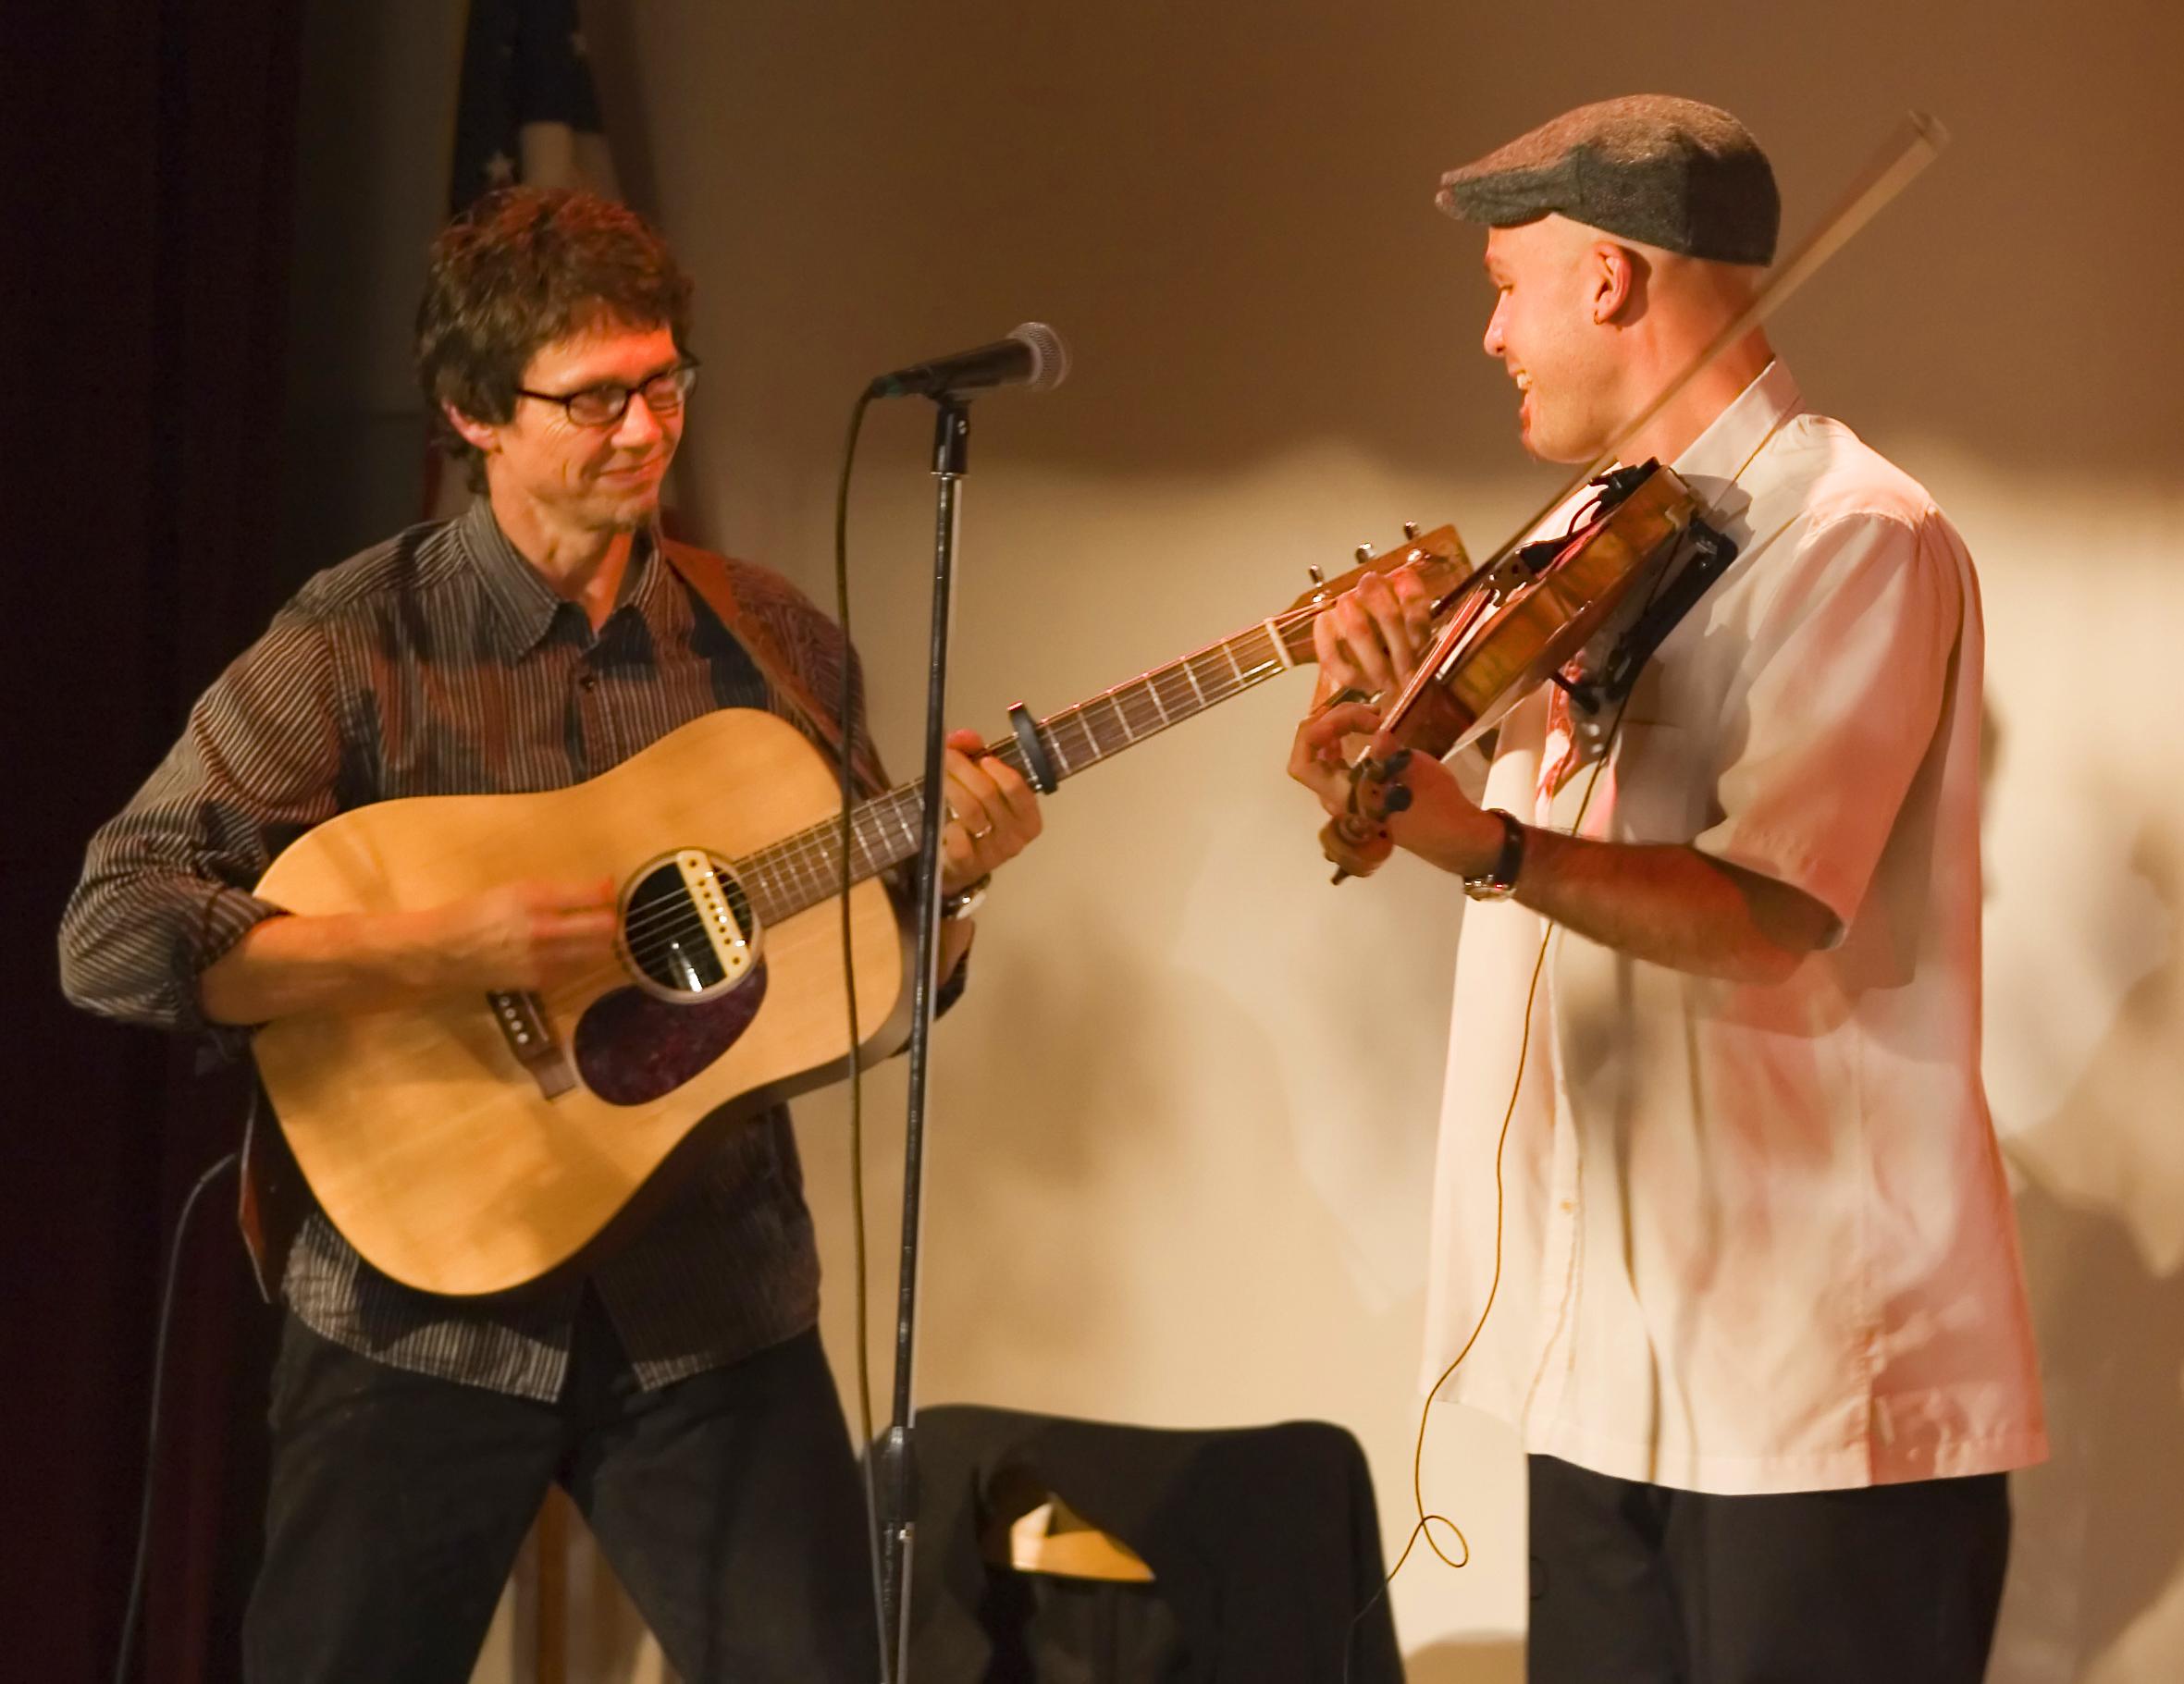 Stuart Mason and John Weed